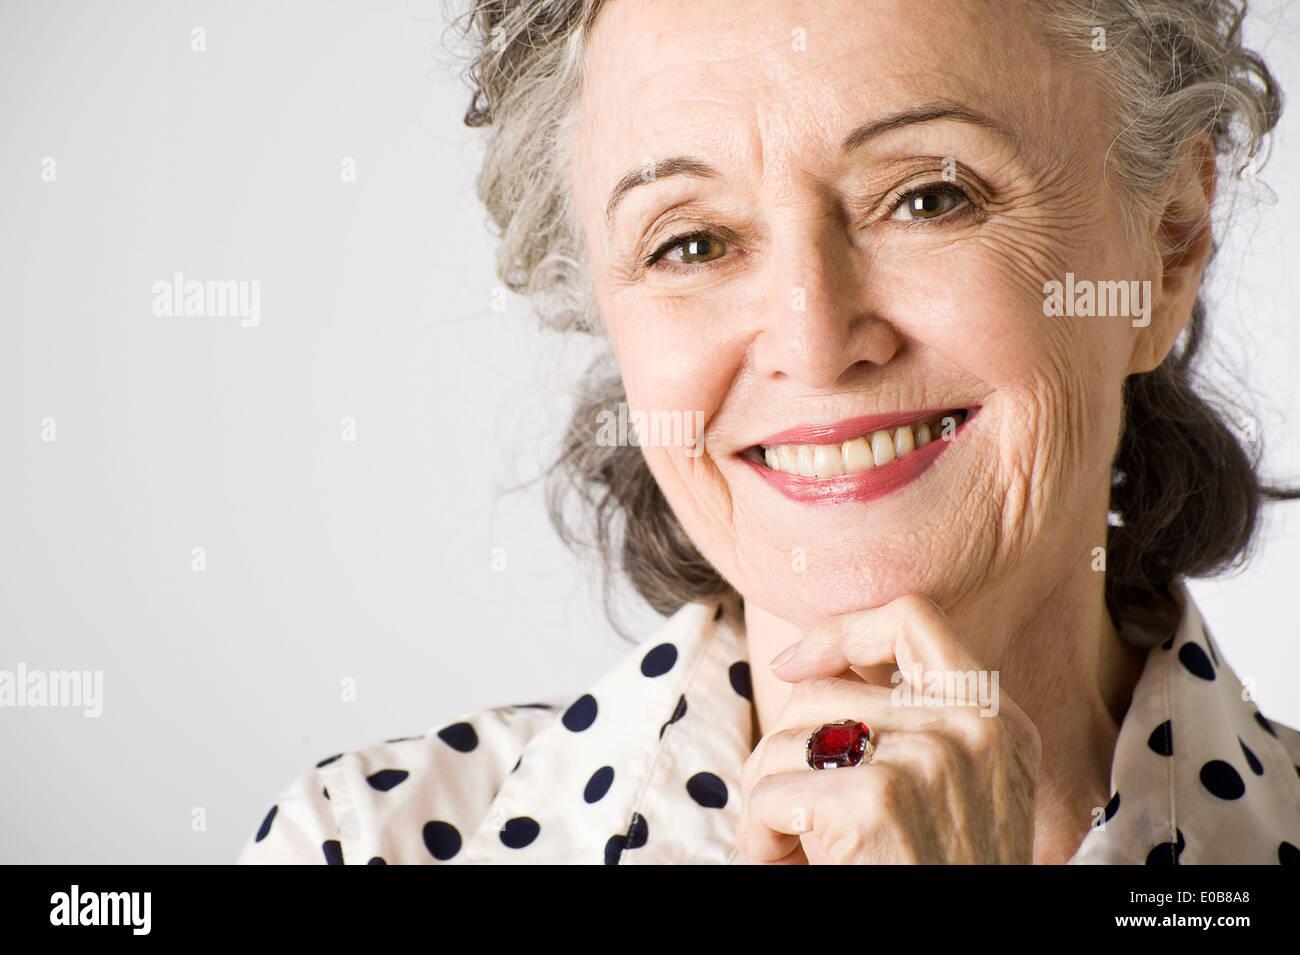 Ritratto di donna senior, mano sul mento, sorridente Immagini Stock